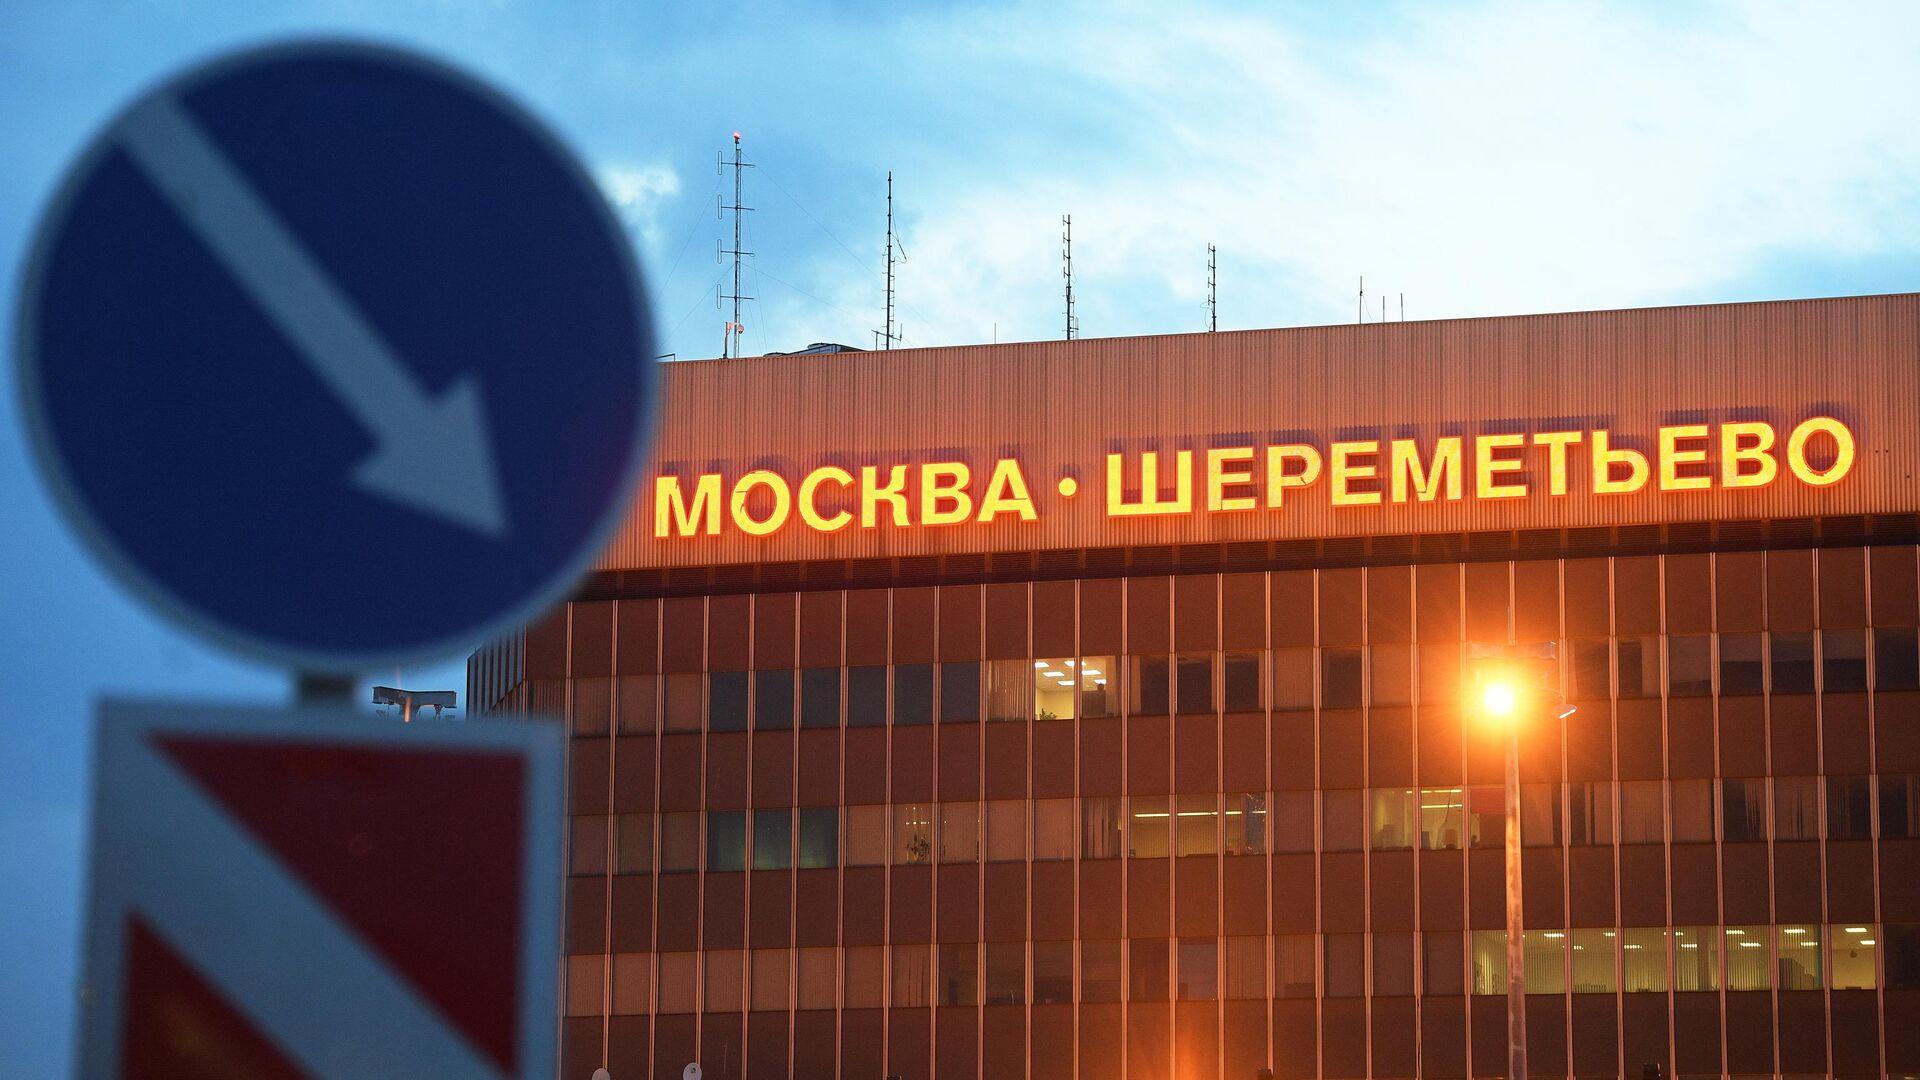 Вывеска на здании терминала аэропорта Шереметьево, где самолет авиакомпании Аэрофлот Sukhoi Superjet 100 был вынужден вернуться в аэропорт из-за возгорания на борту - РИА Новости, 1920, 17.01.2020